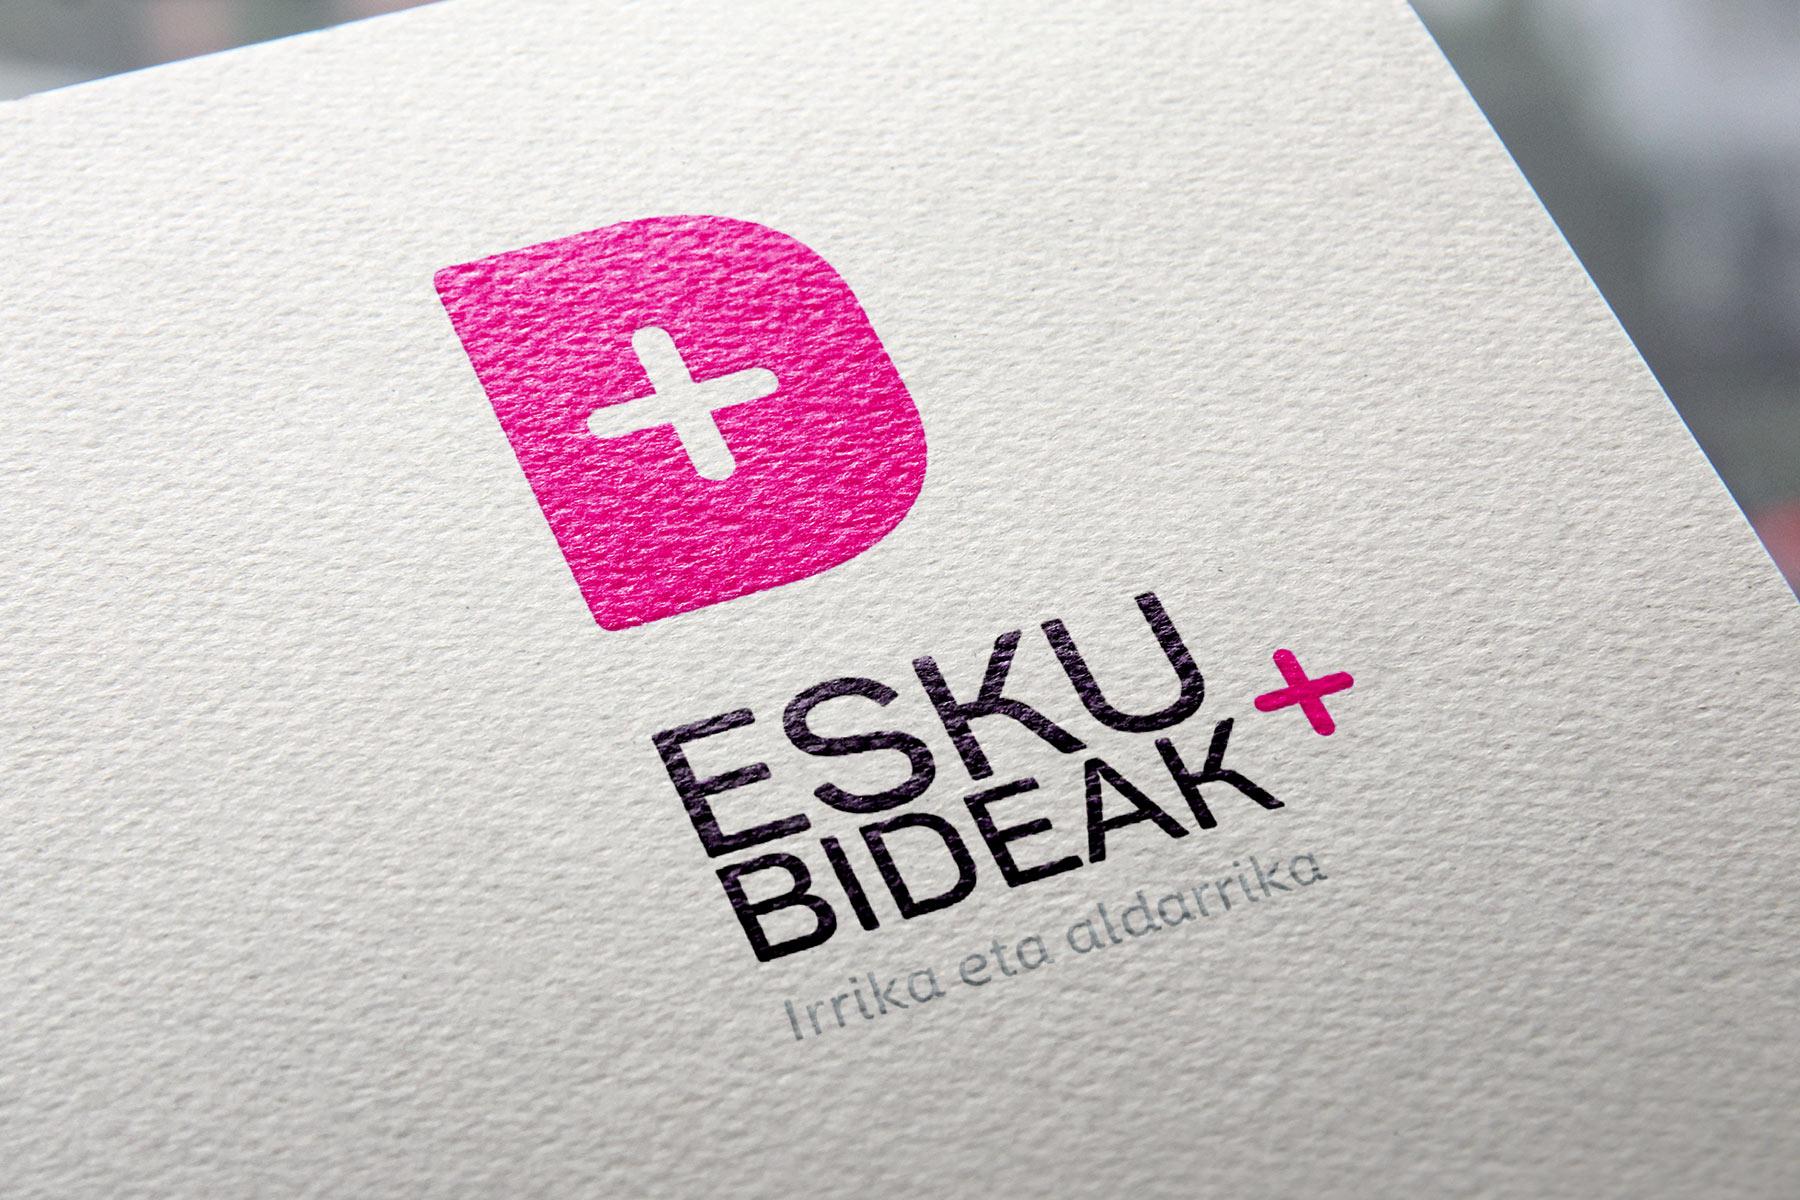 ESKUBIDEAK+